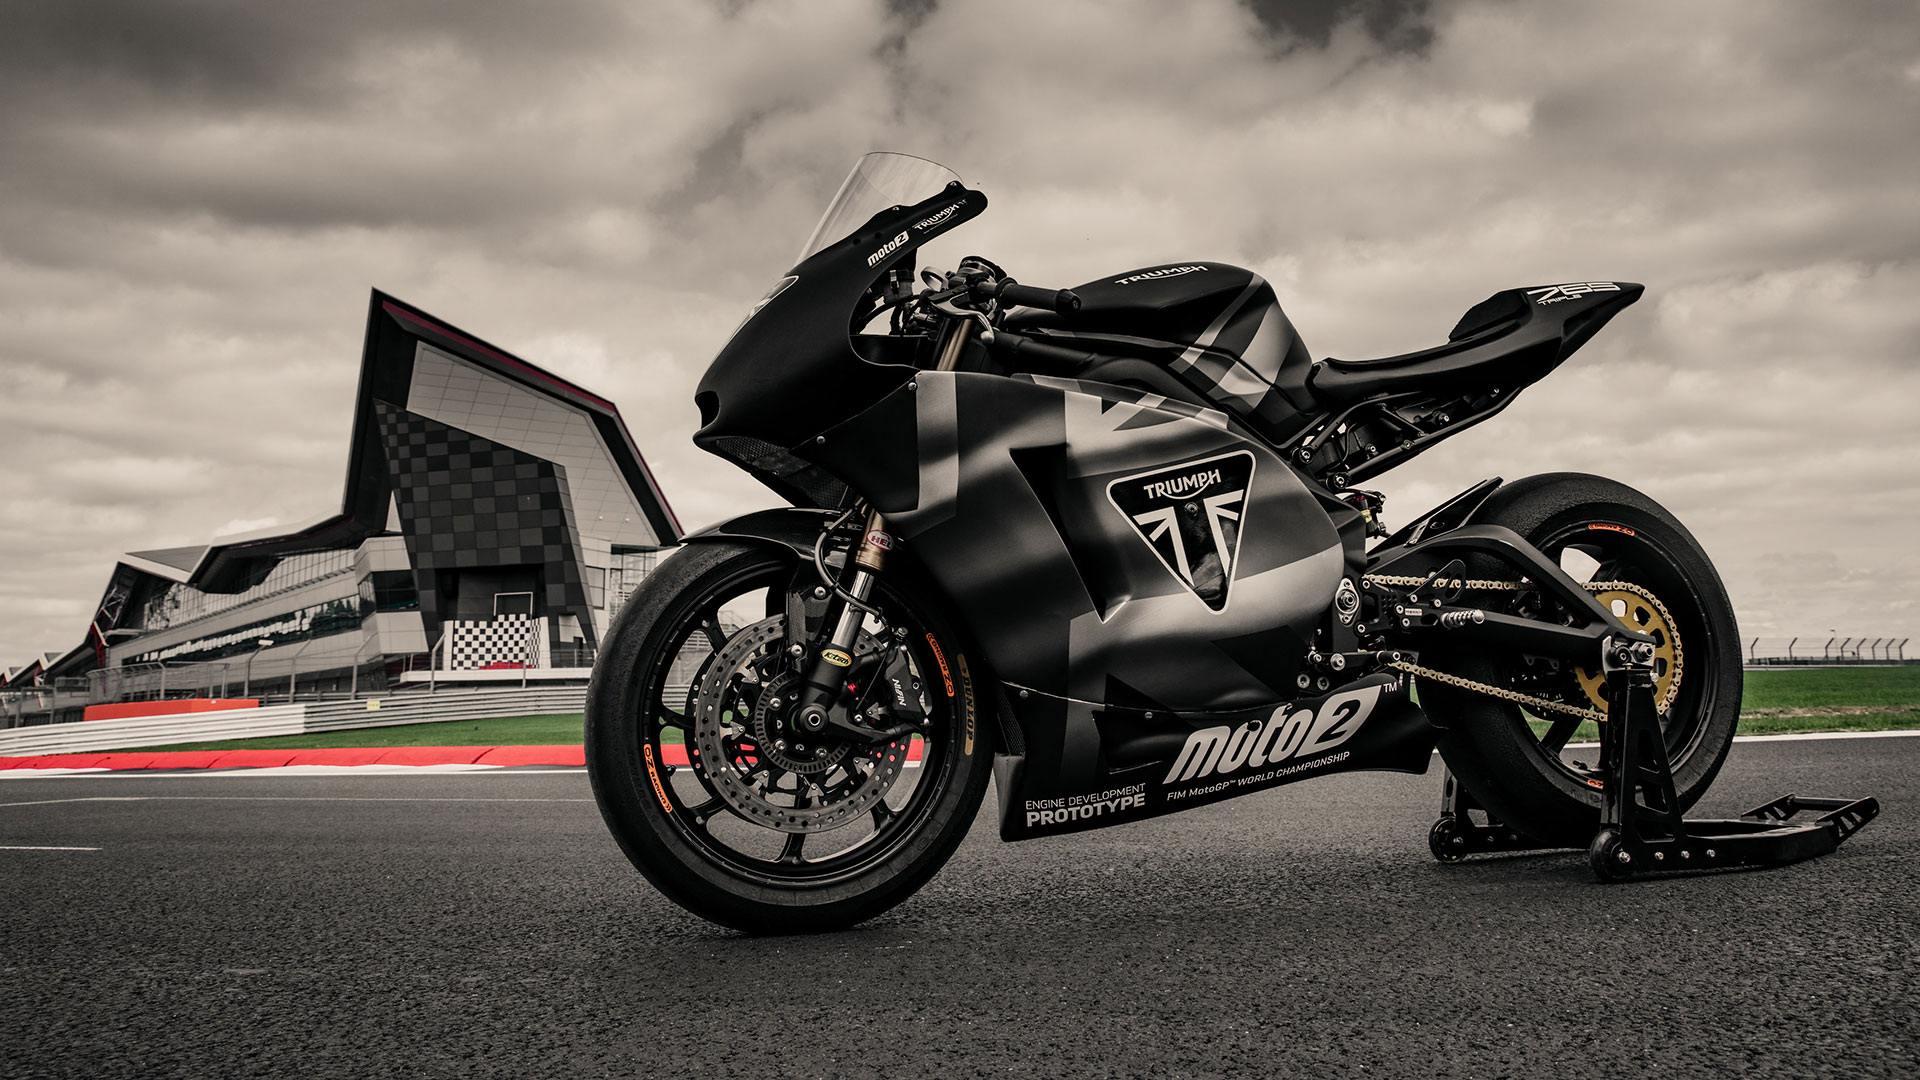 Daytona Moto2